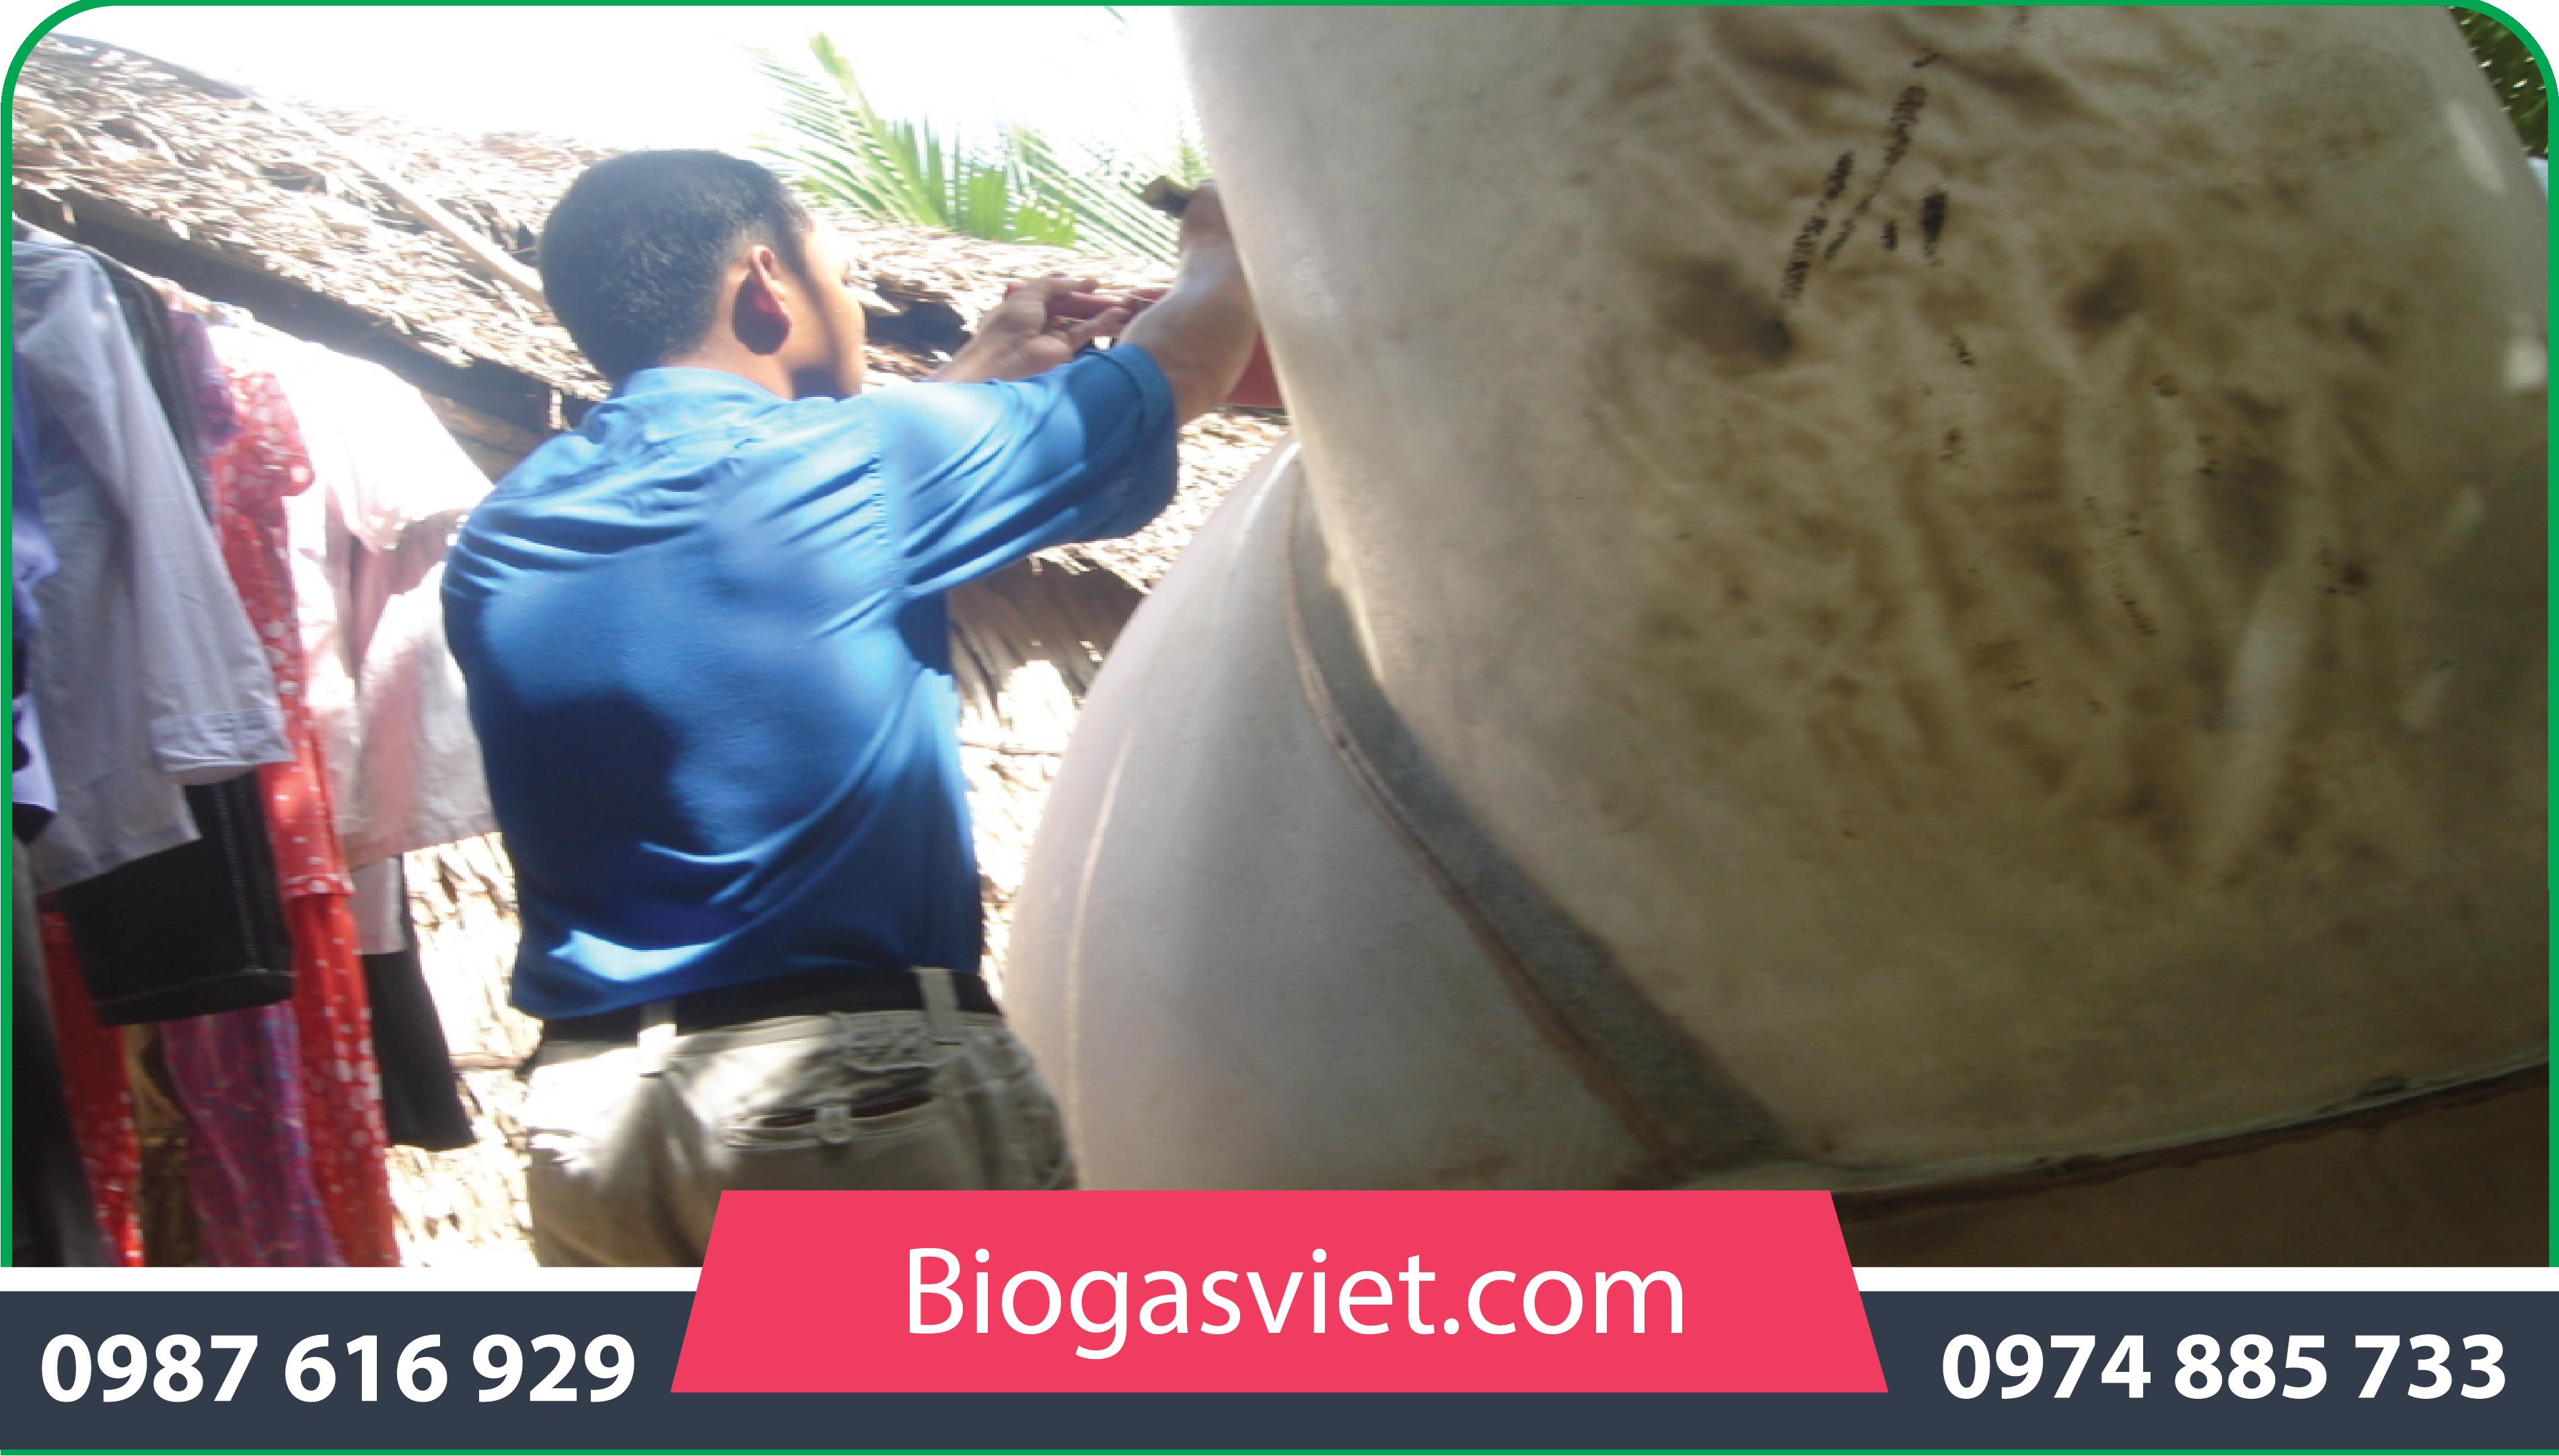 Xử lý nước thải chăn nuôi heo bằng công nghệ hầm biogas composite